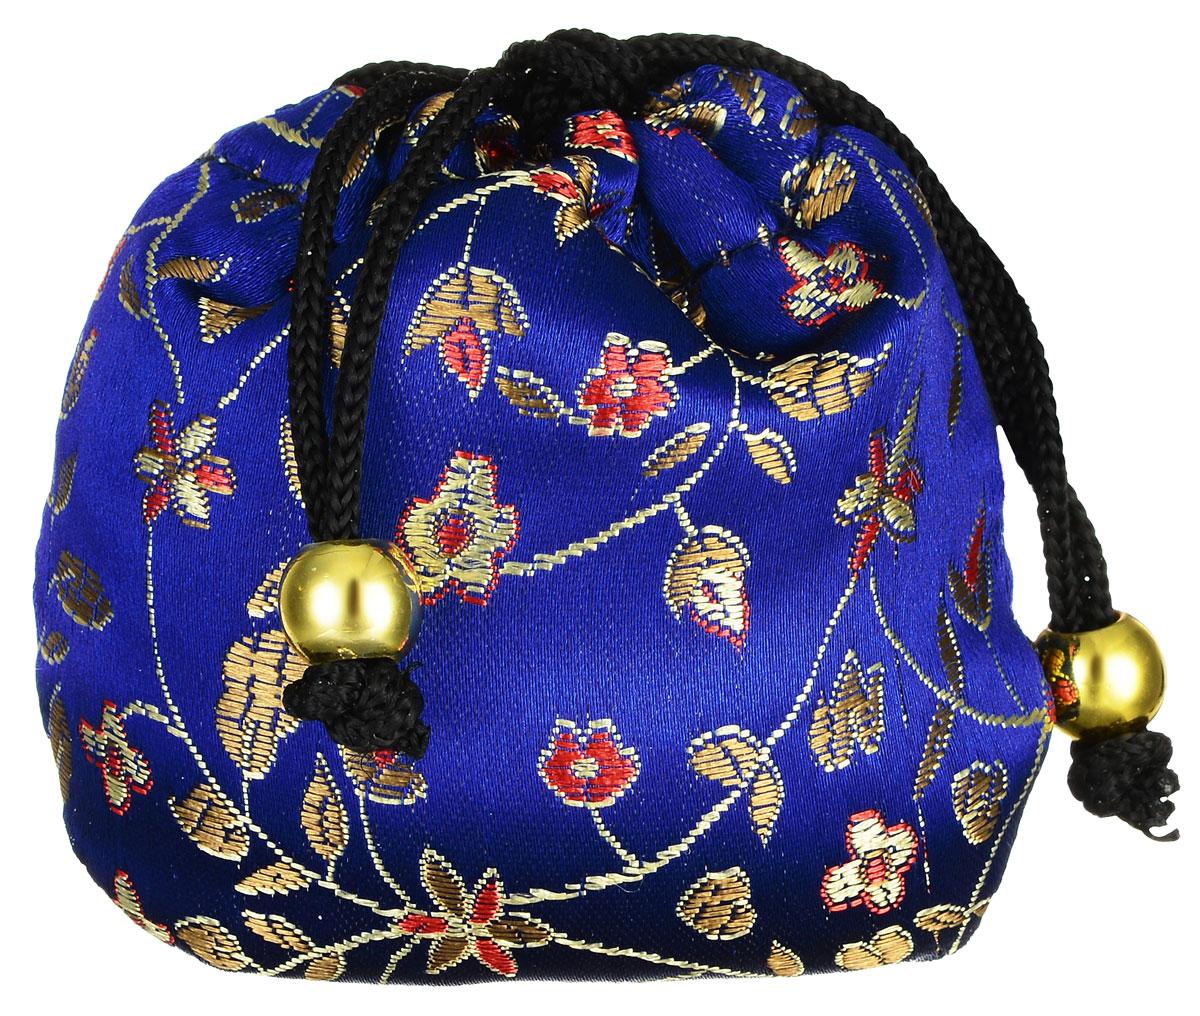 Masura Шелковый мешочек Ацуи для горячего и холодного массажа, цвет: синий294-75МШелковый мешочек Masura Ацуи применяется для холодного и горячего массажа рук и ароматерапии при проведении процедуры Японский маникюр. Изделие, оформленное цветочной вышивкой, затягивается на кулиску с декоративными бусинами. Наполнен мешочек морской солью, сухоцветами и аромамаслами.Материал мешочка:текстиль, пластик.Размер наполненного мешочка: 6,5 см х 6,5 см х 5 см.Товар сертифицирован.